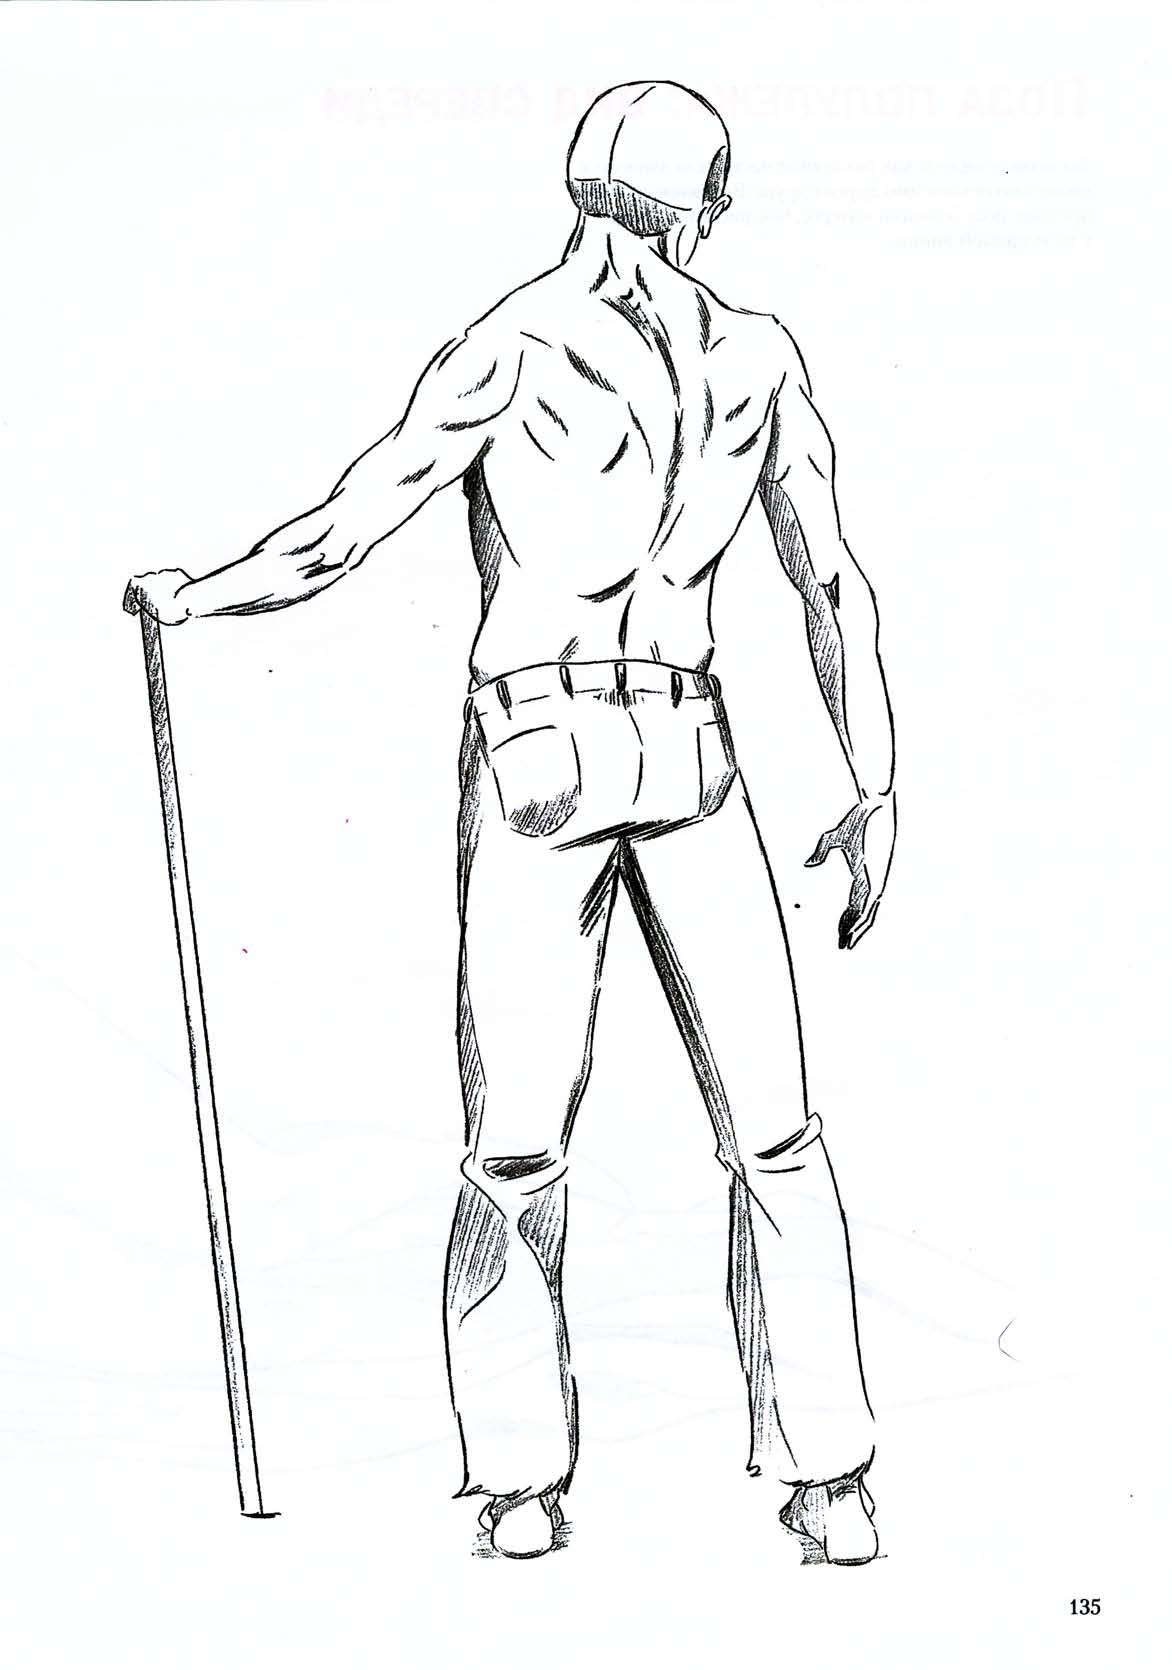 как правильно рисовать аниме карандашом: